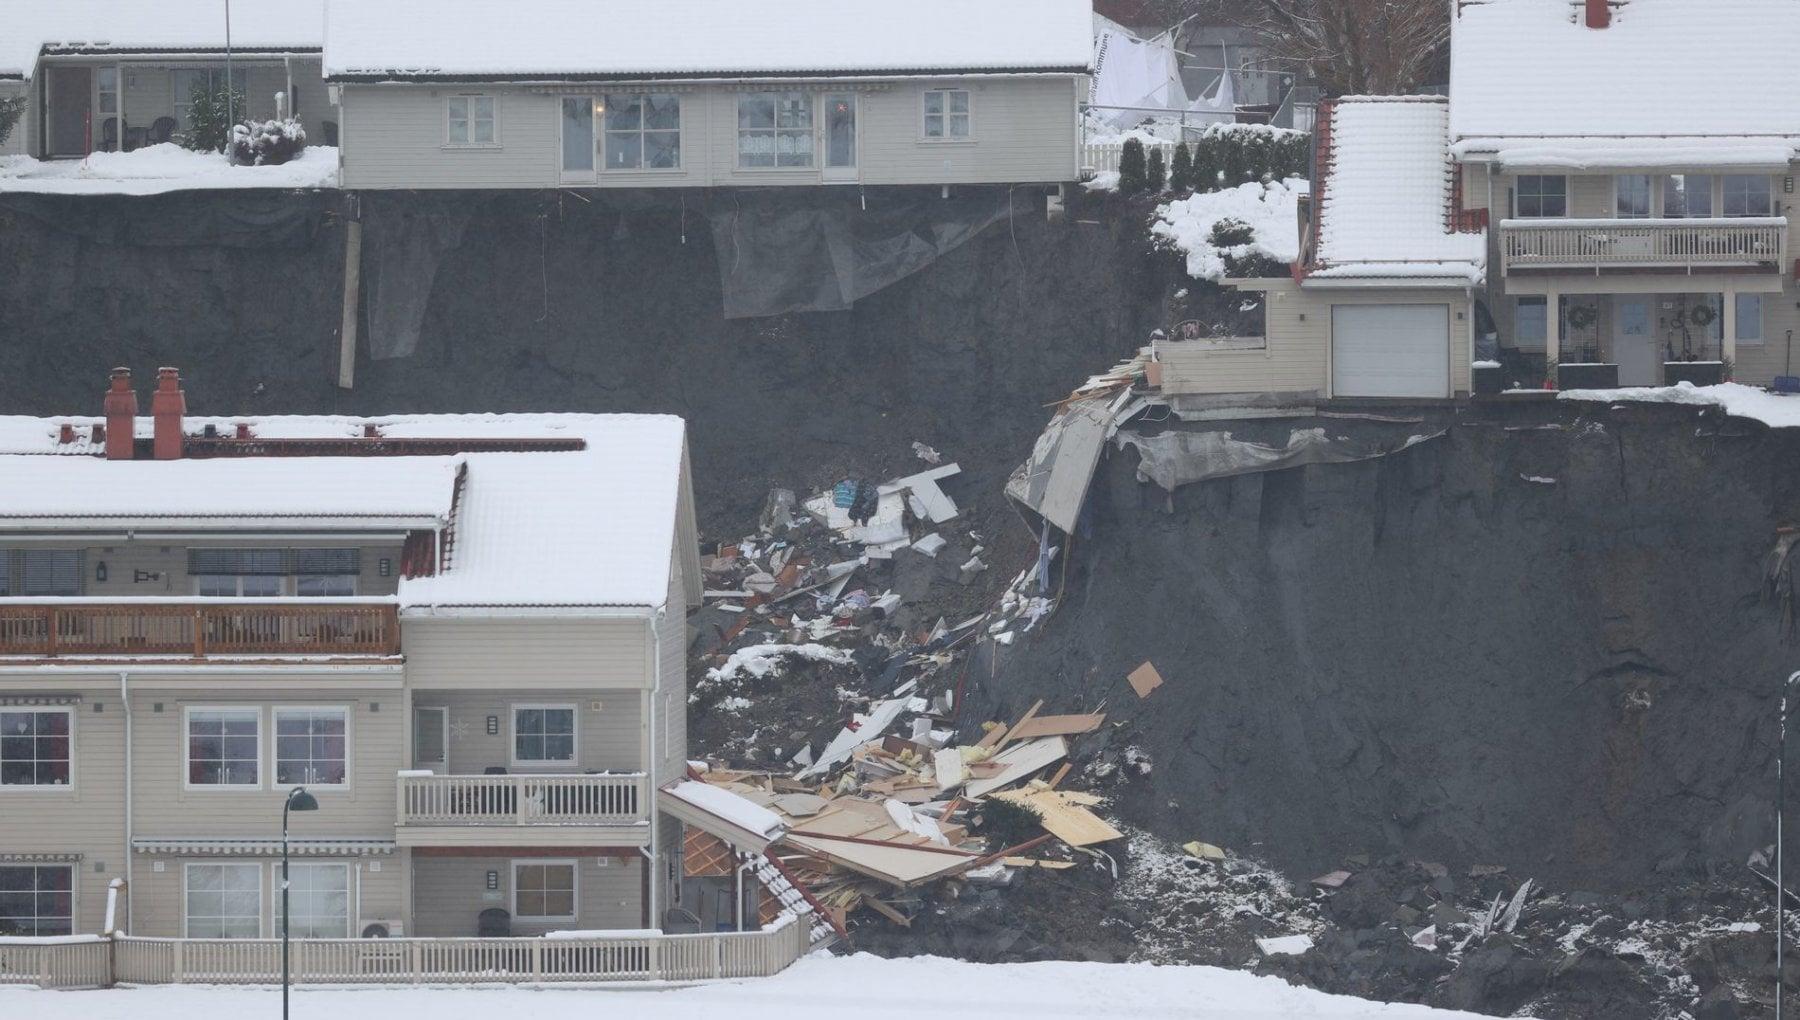 Norvegia frana travolge villaggio feriti e dispersi